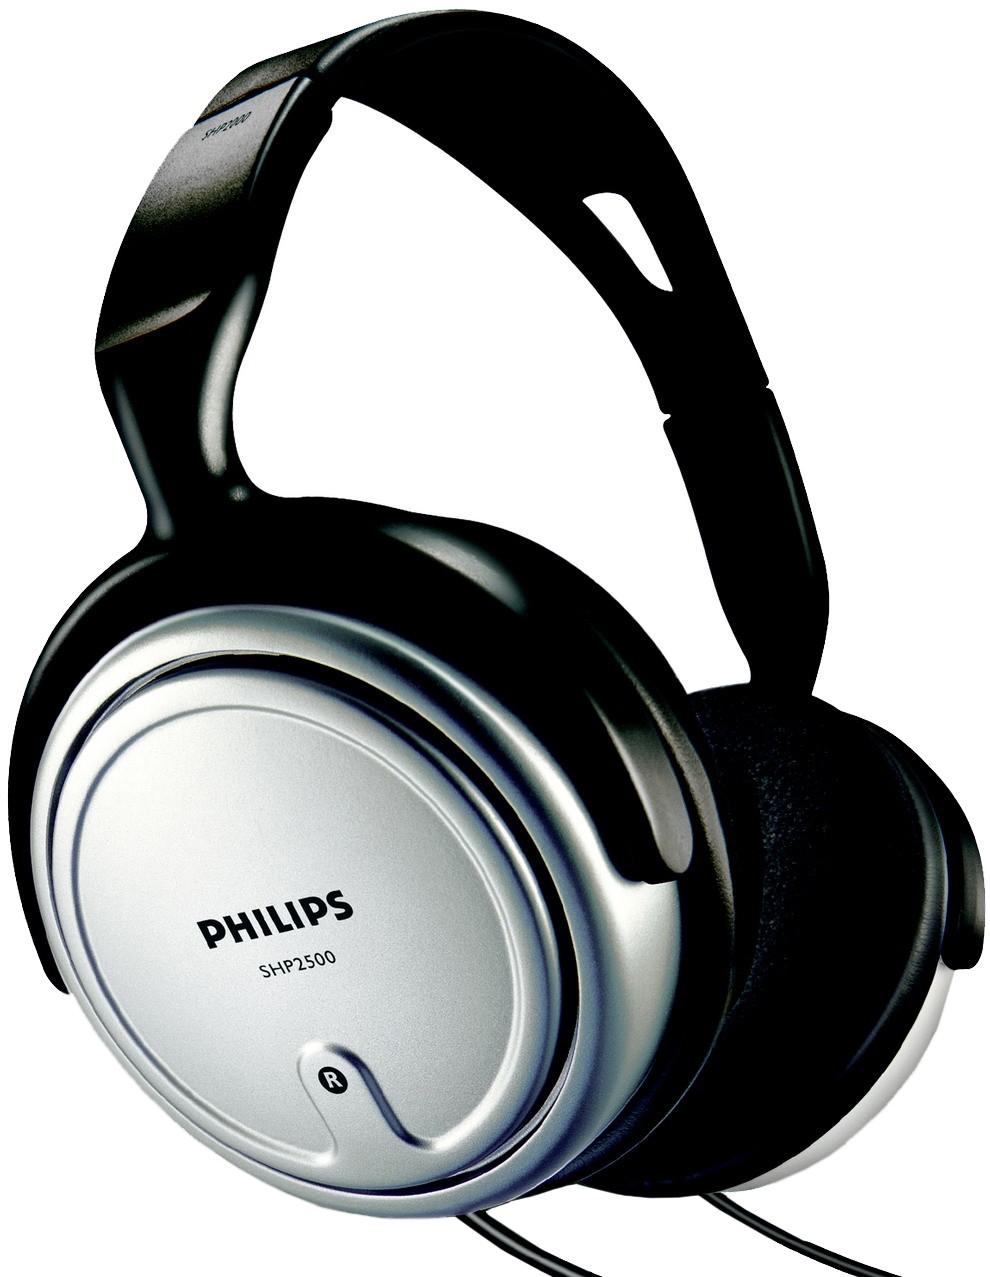 Наушники Philips SHP2500Наушники и гарнитуры<br>Наушники philips shp2500: приятная цена и звучание.<br>Наушники philips shp2500 00 понравятся как любителям послушать музыку в хорошем качестве, так и поклонникам онлайн-игр. Ведь эти мониторные наушники, кроме того, что выдают отличный звук, еще и очень удобные. Настолько, что их можно не снимать часами. С ними так удобно, что вы просто забываете о них!<br>Широкое оголовье этих наушников плотно прилегает к голове, настолько же плотно амбушюры прилегают к ушам. Но при этом через пару часов в наушниках у вас нет ощущения, будто вашу голову зажали в тиски. Знакомое ощущение,...<br><br>Тип: наушники<br>Тип акустического оформления: Закрытые<br>Вид наушников: Мониторные<br>Тип подключения: Проводные<br>Номинальная мощность мВт: 500<br>Диапазон воспроизводимых частот, Гц: 15 - 22000 Гц<br>Сопротивление, Импеданс: 32 Ом<br>Чувствительность дБ: 106